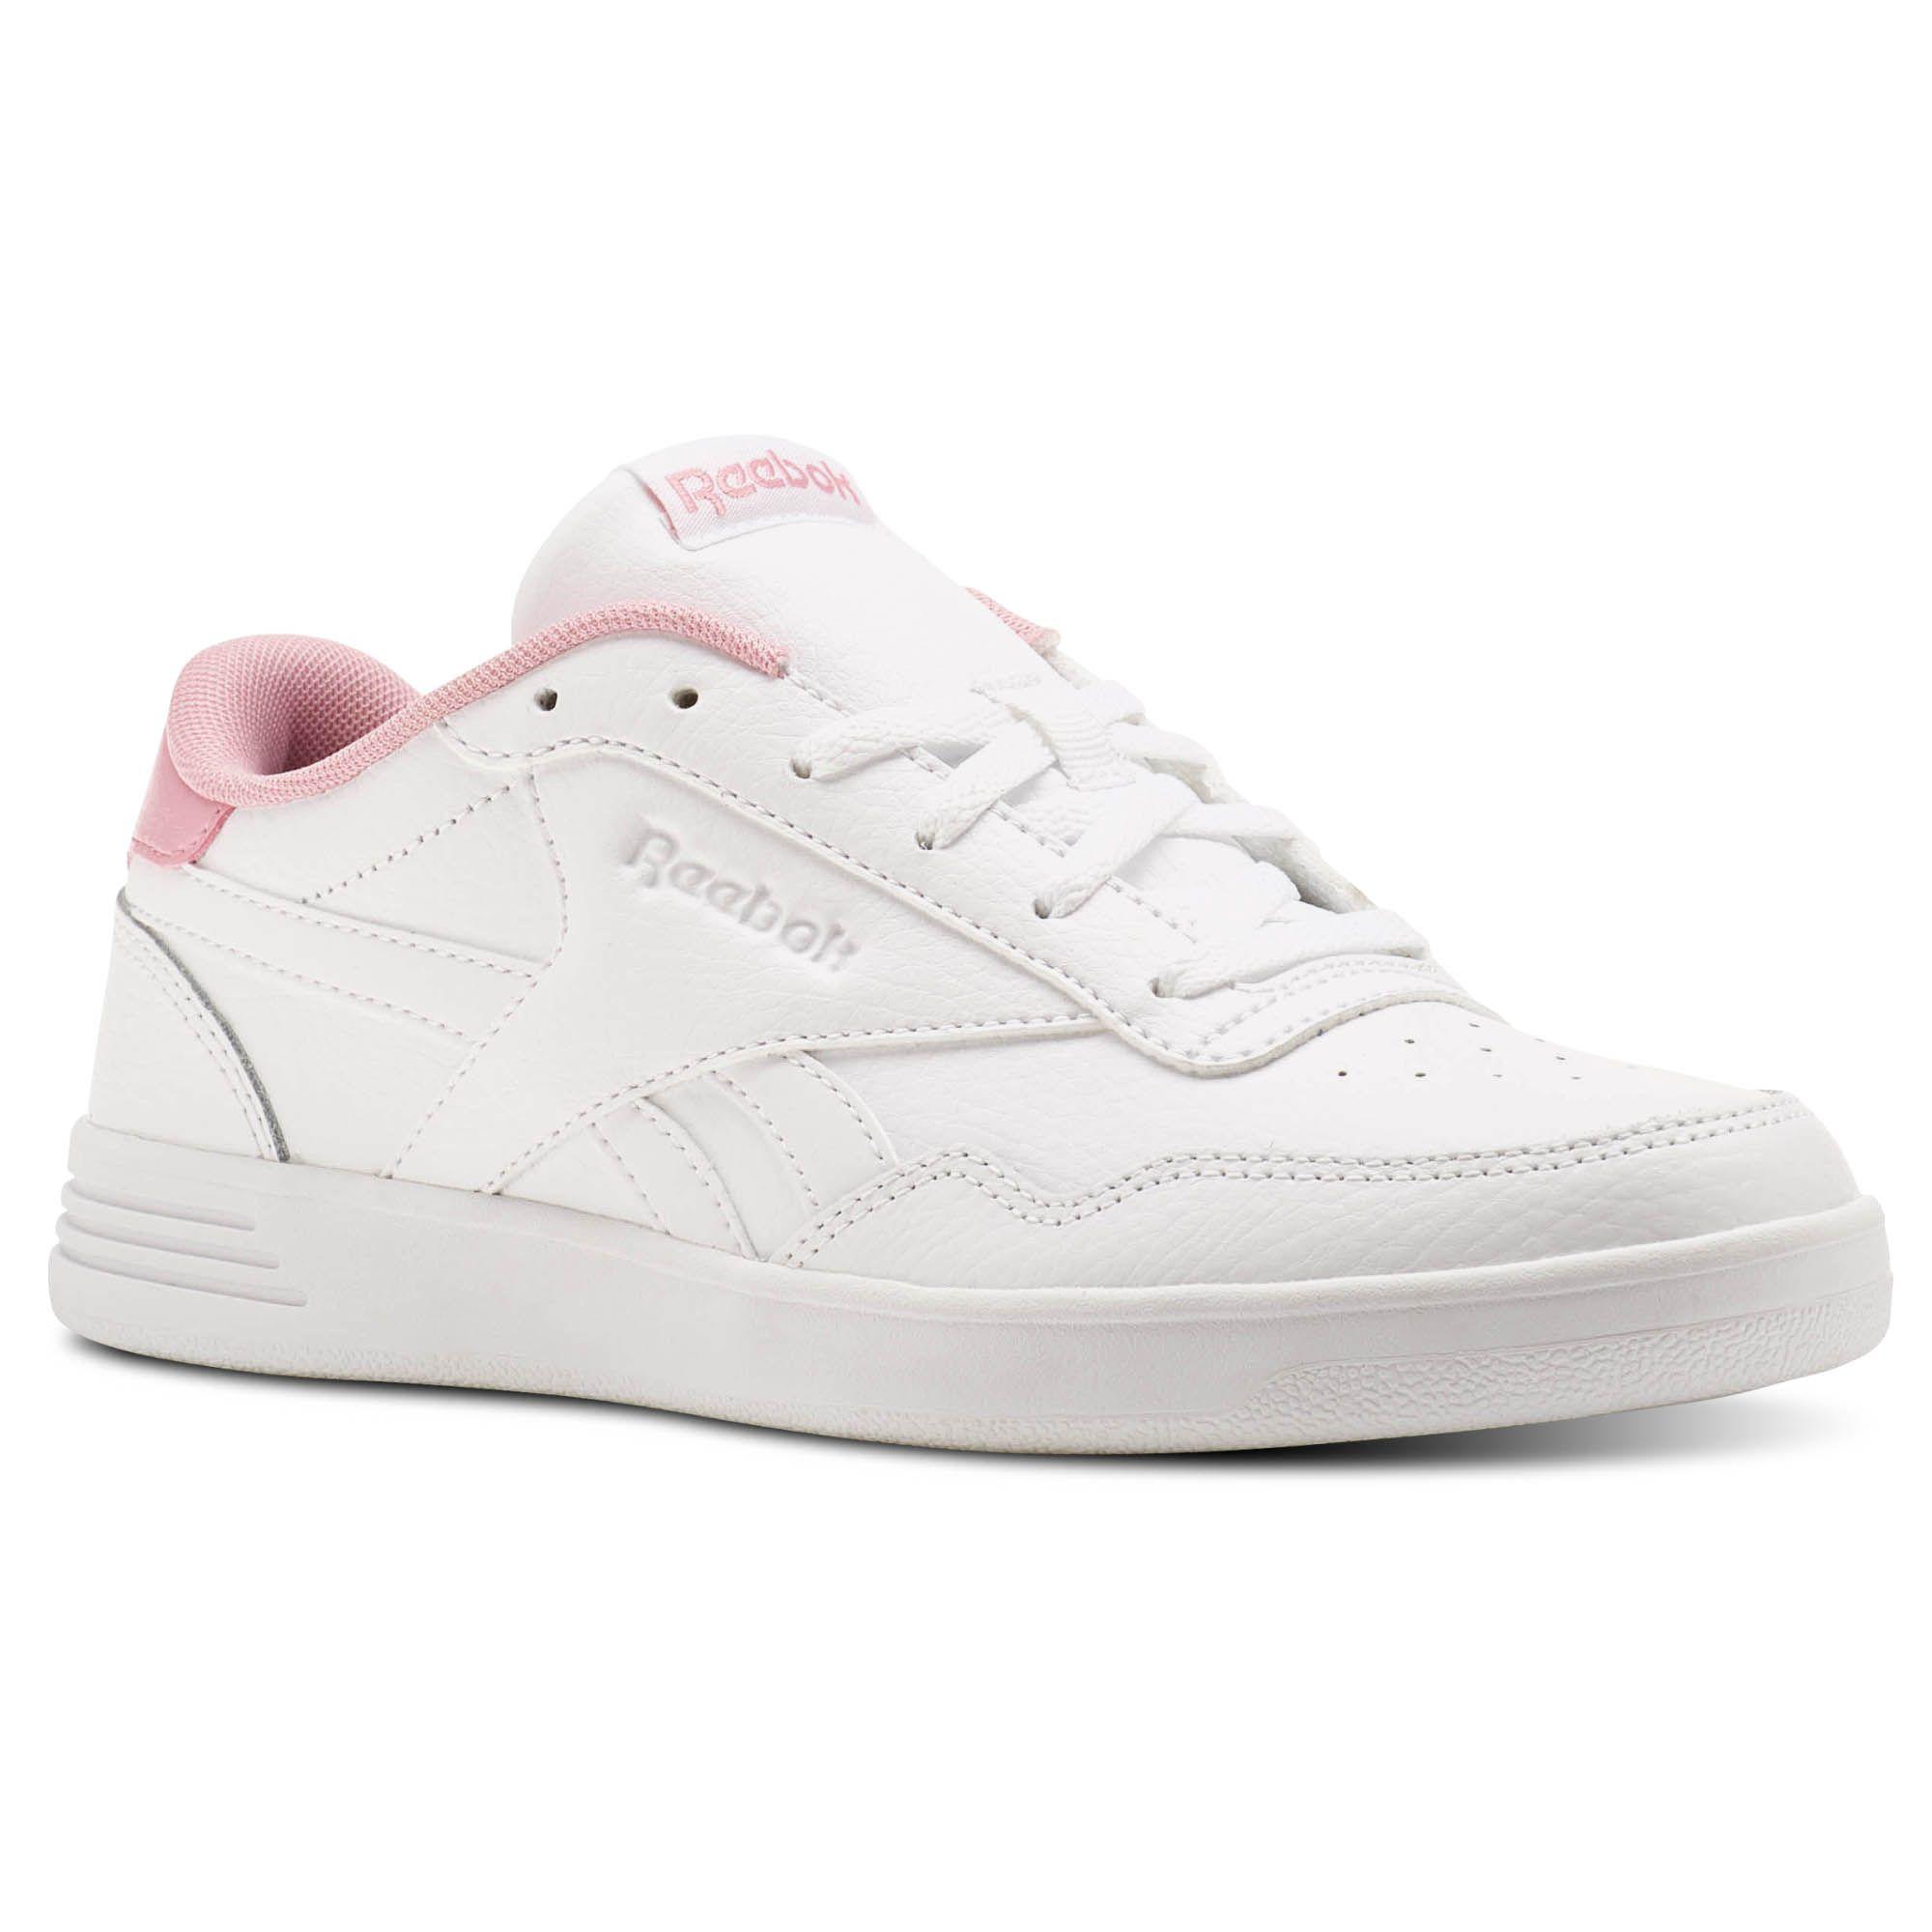 Tenis Reebok Royal Techque T | Reebok royal, Reebok, Shoes